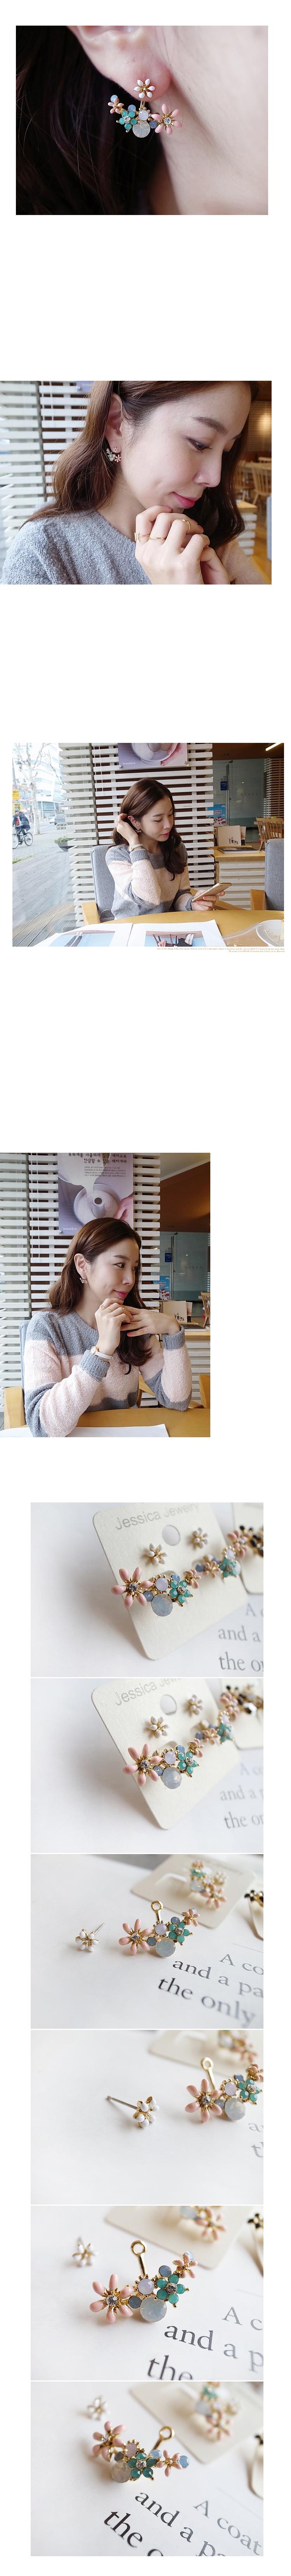 韓國 NaniWorld 粉嫩六瓣花耳環 #3423 粉紅色